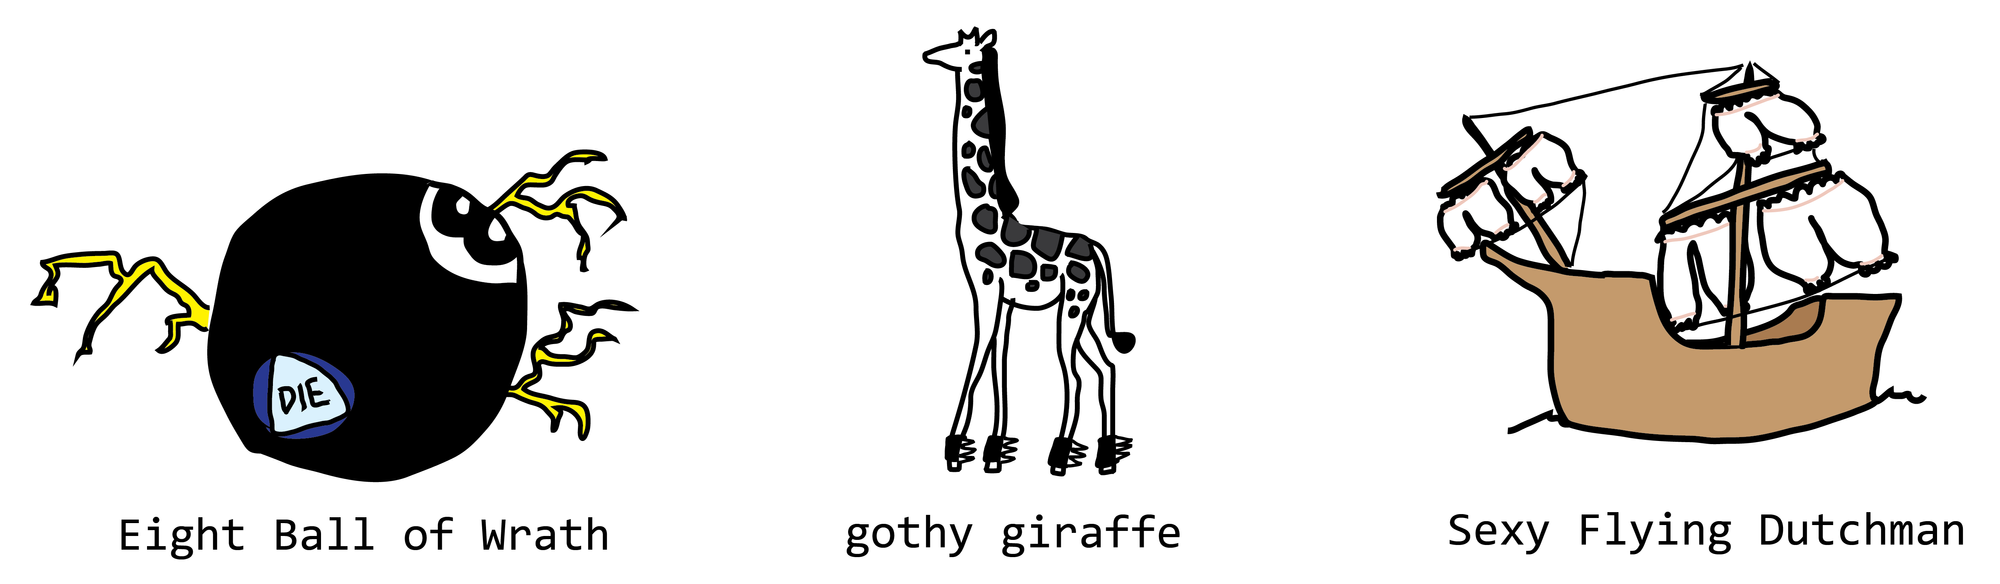 Eight Ball of Wrath, Gothy Giraffe, and Sexy Flying Dutchman